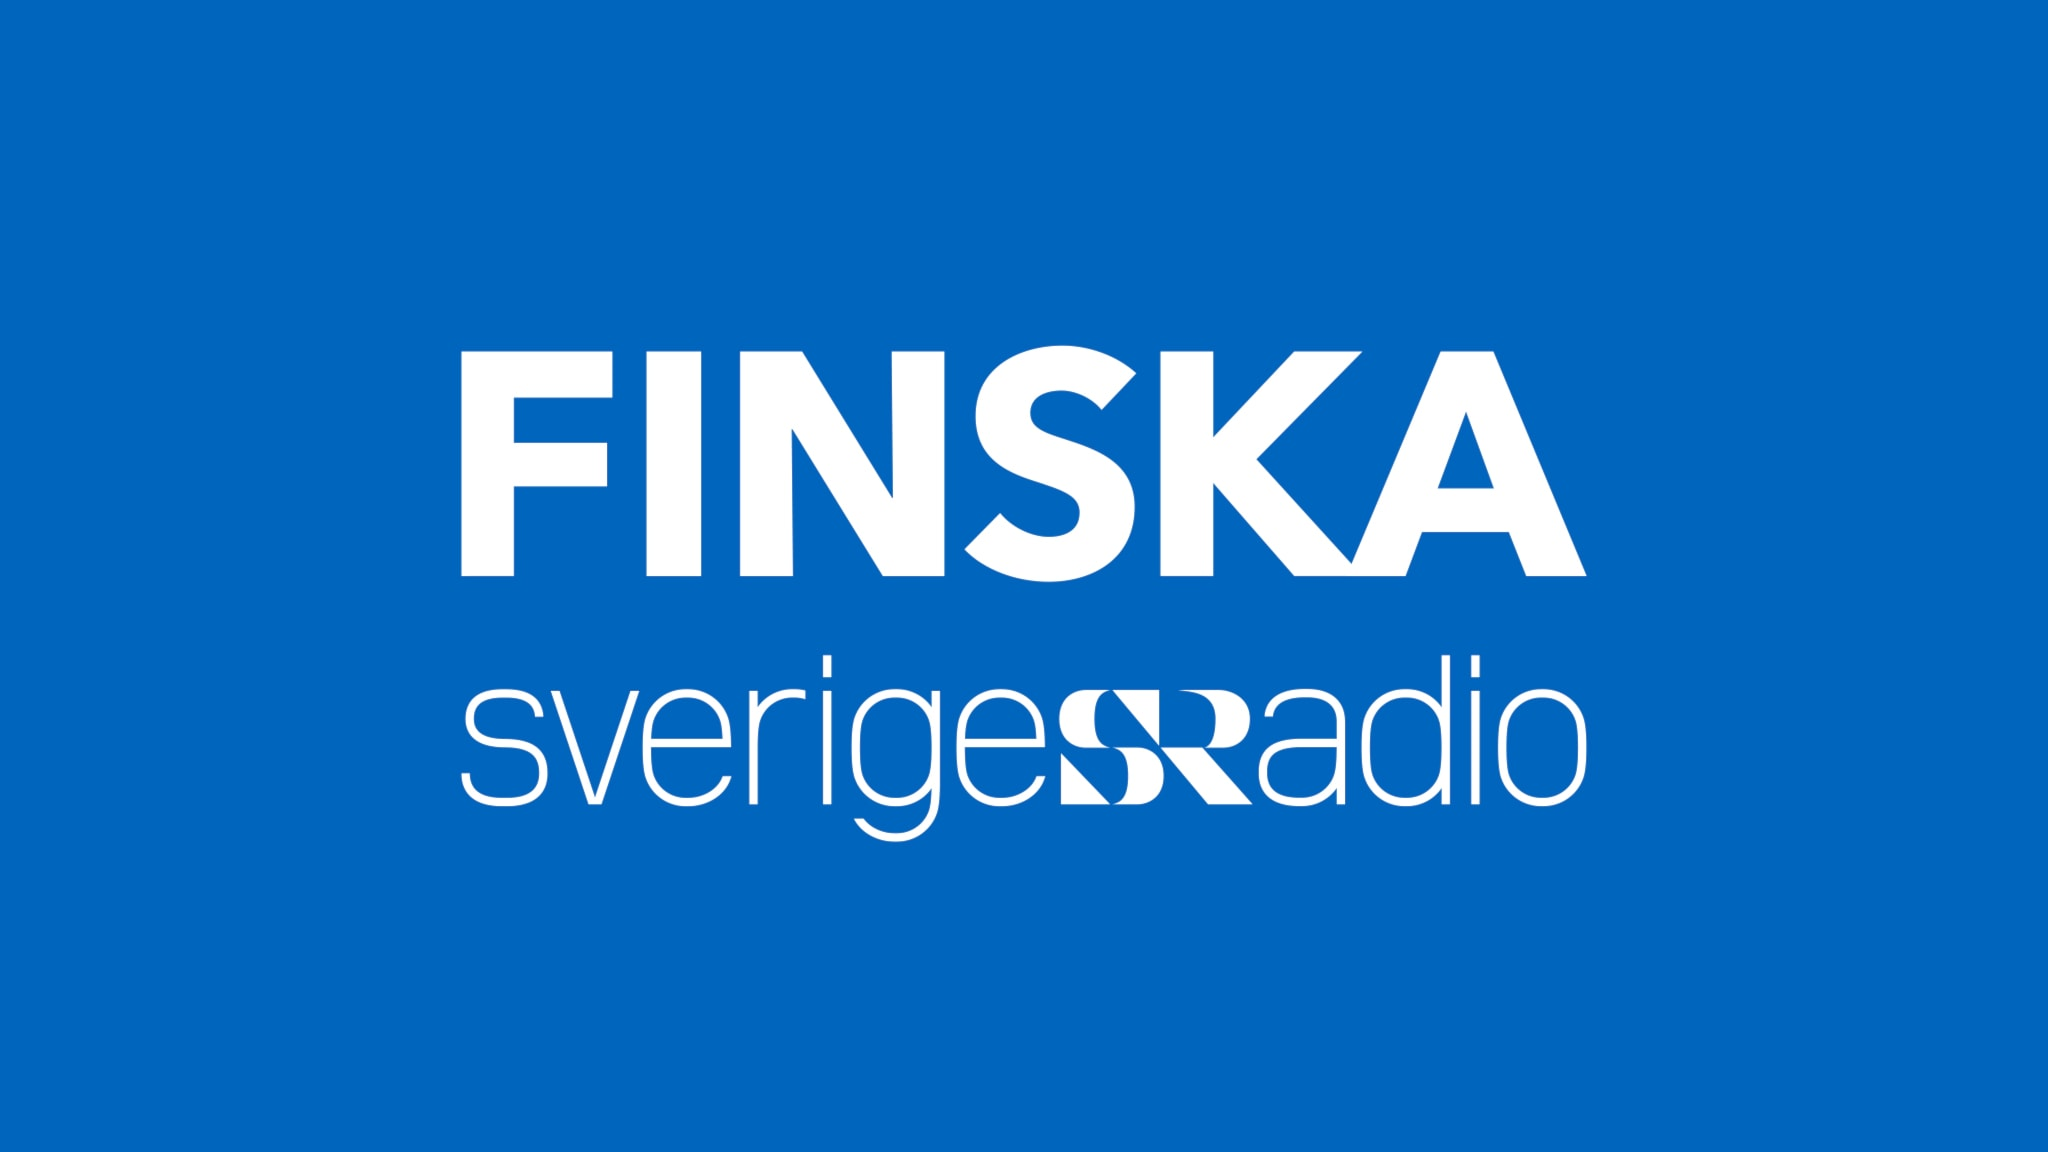 Uutiset / Nyheter från Sveriges Radio Finska